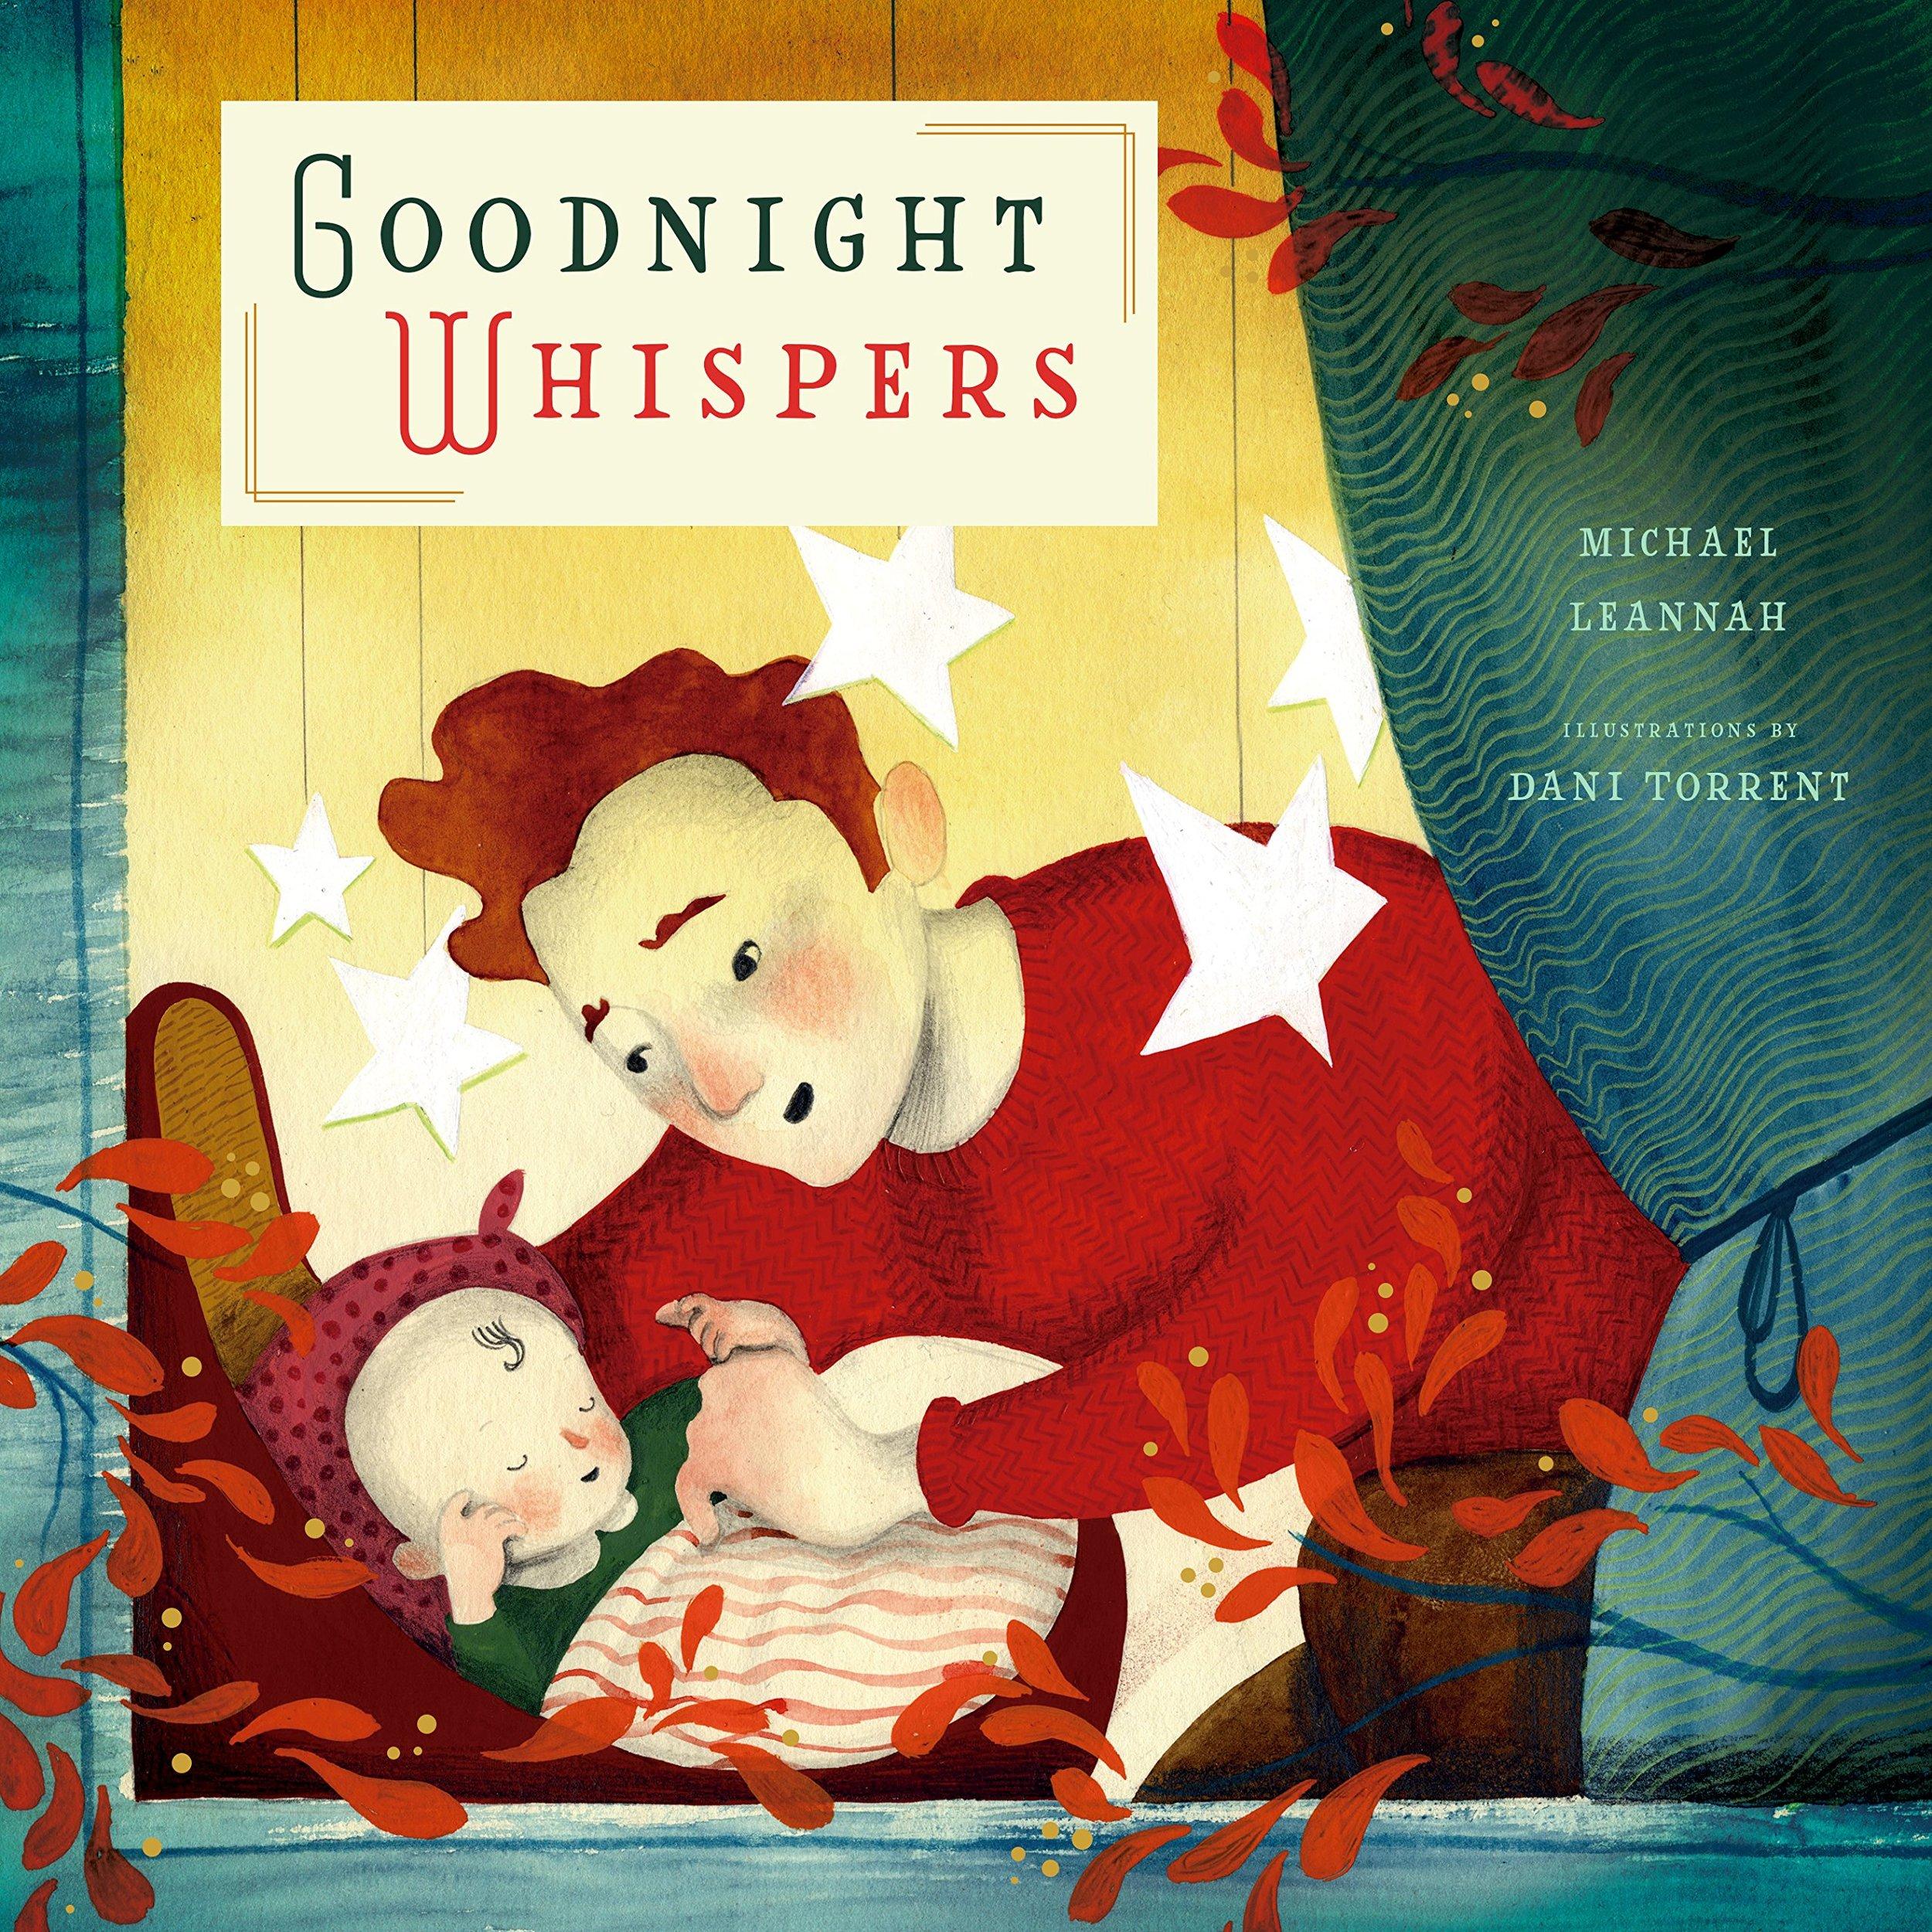 Goodnight Whispers.jpg